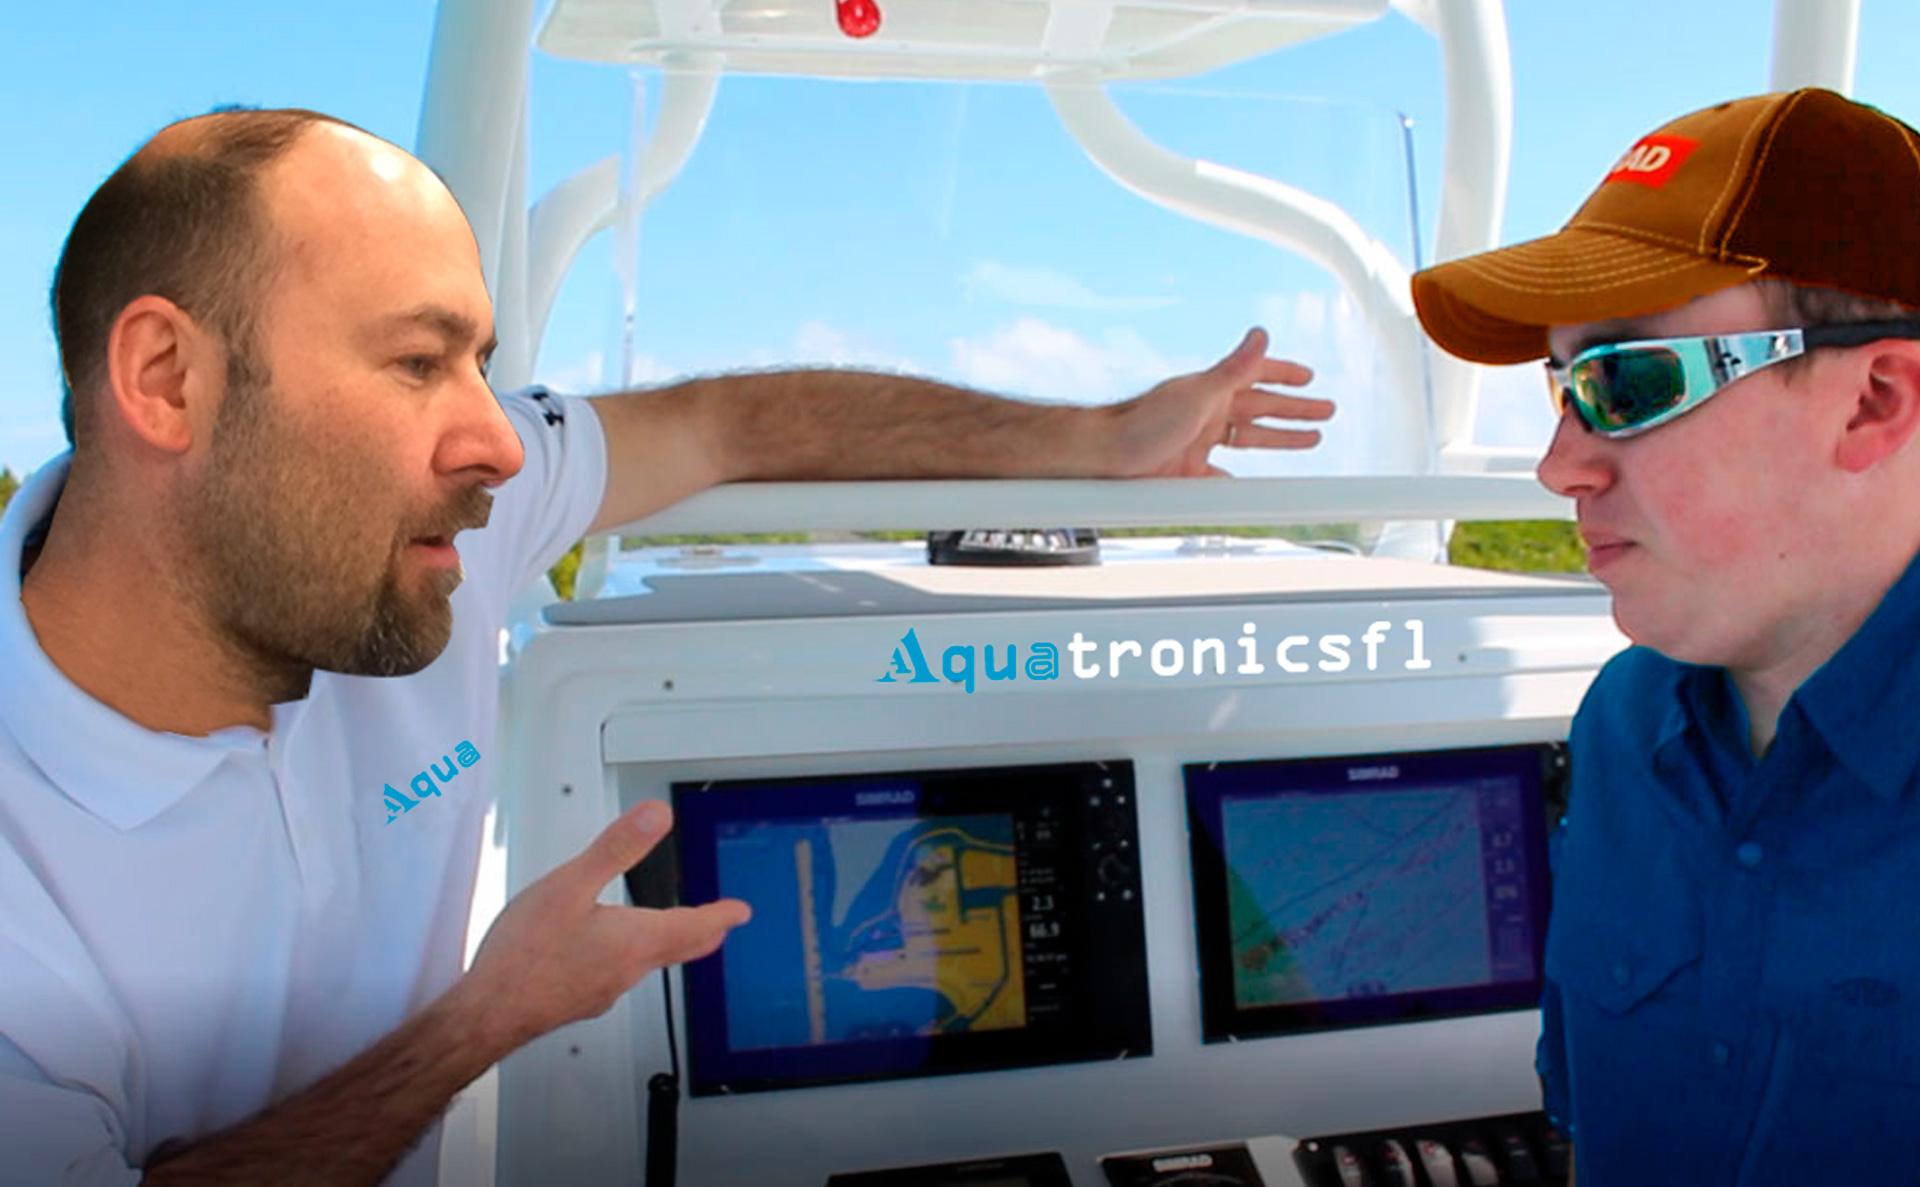 Aquatronics | Southwest Florida's Marine Electronics Experts